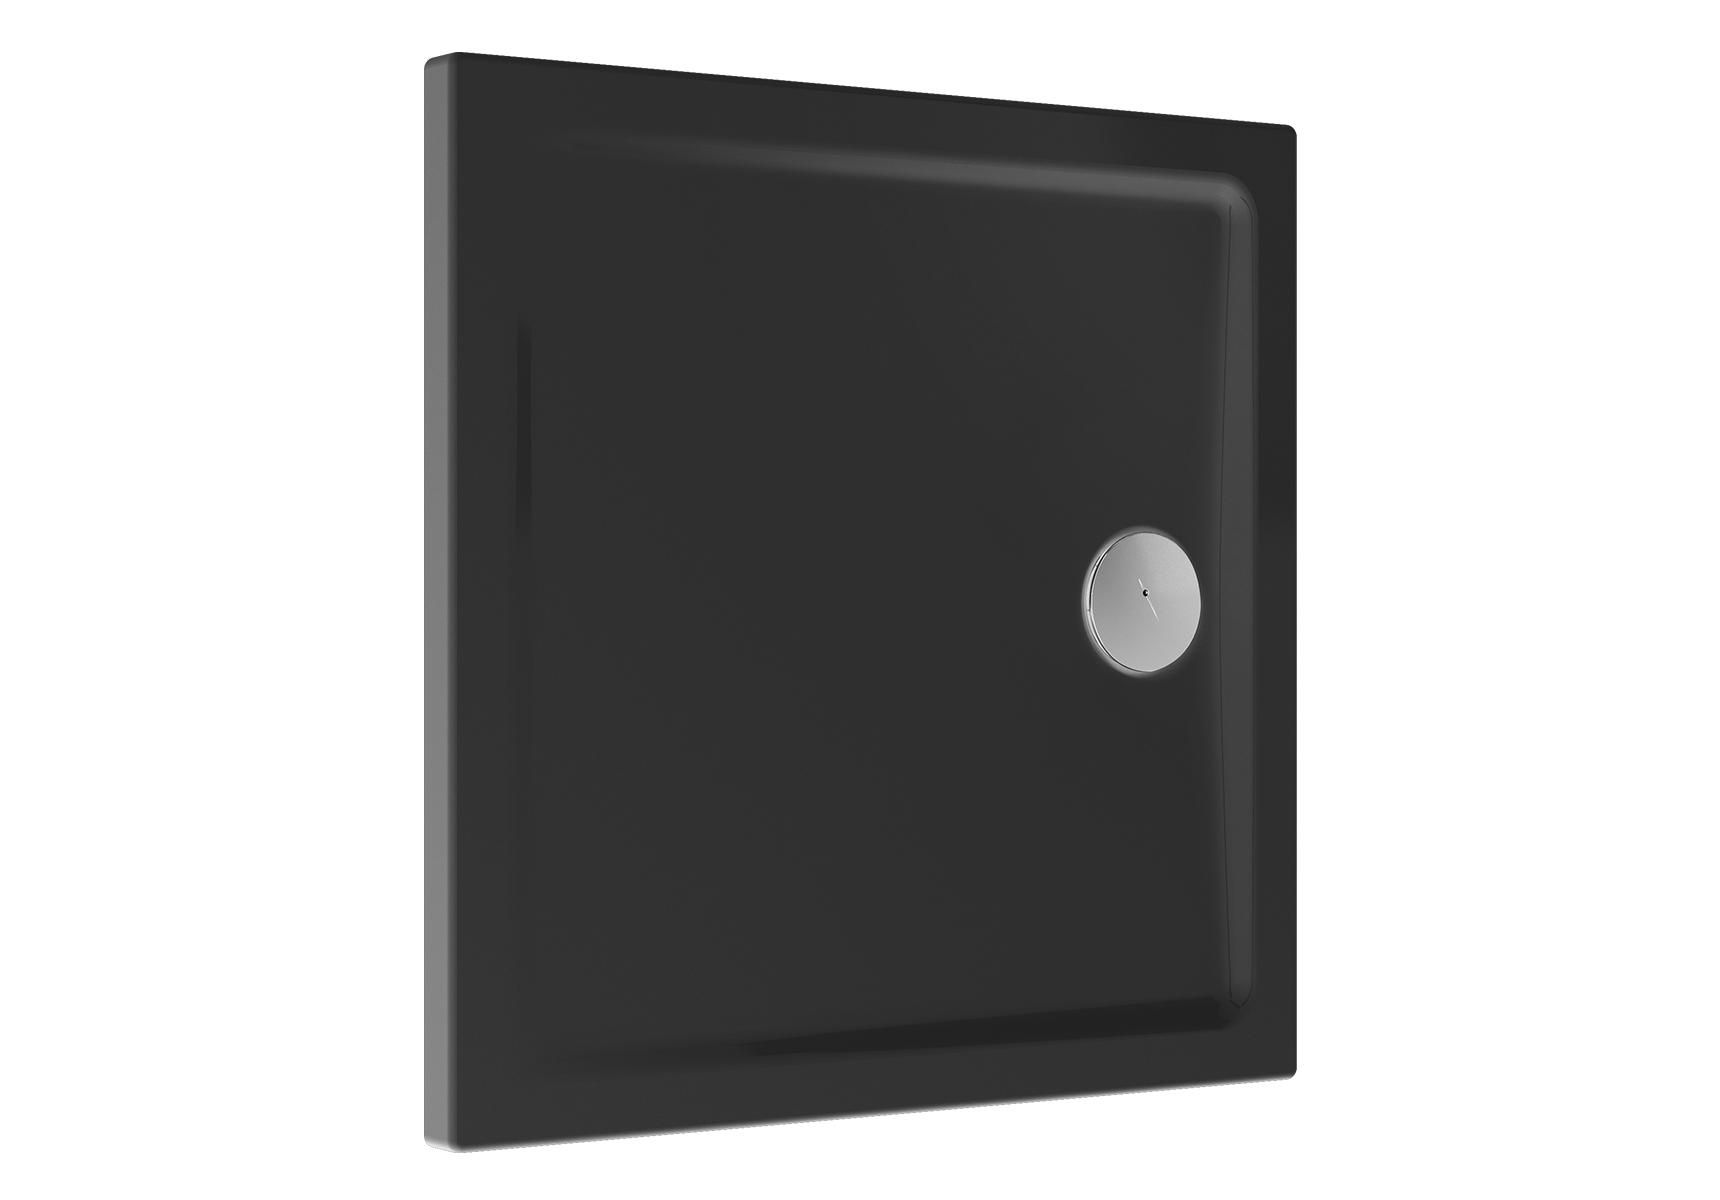 Cascade receveur ultra plat en céramique, 90 cm, carré, anthraciteacite